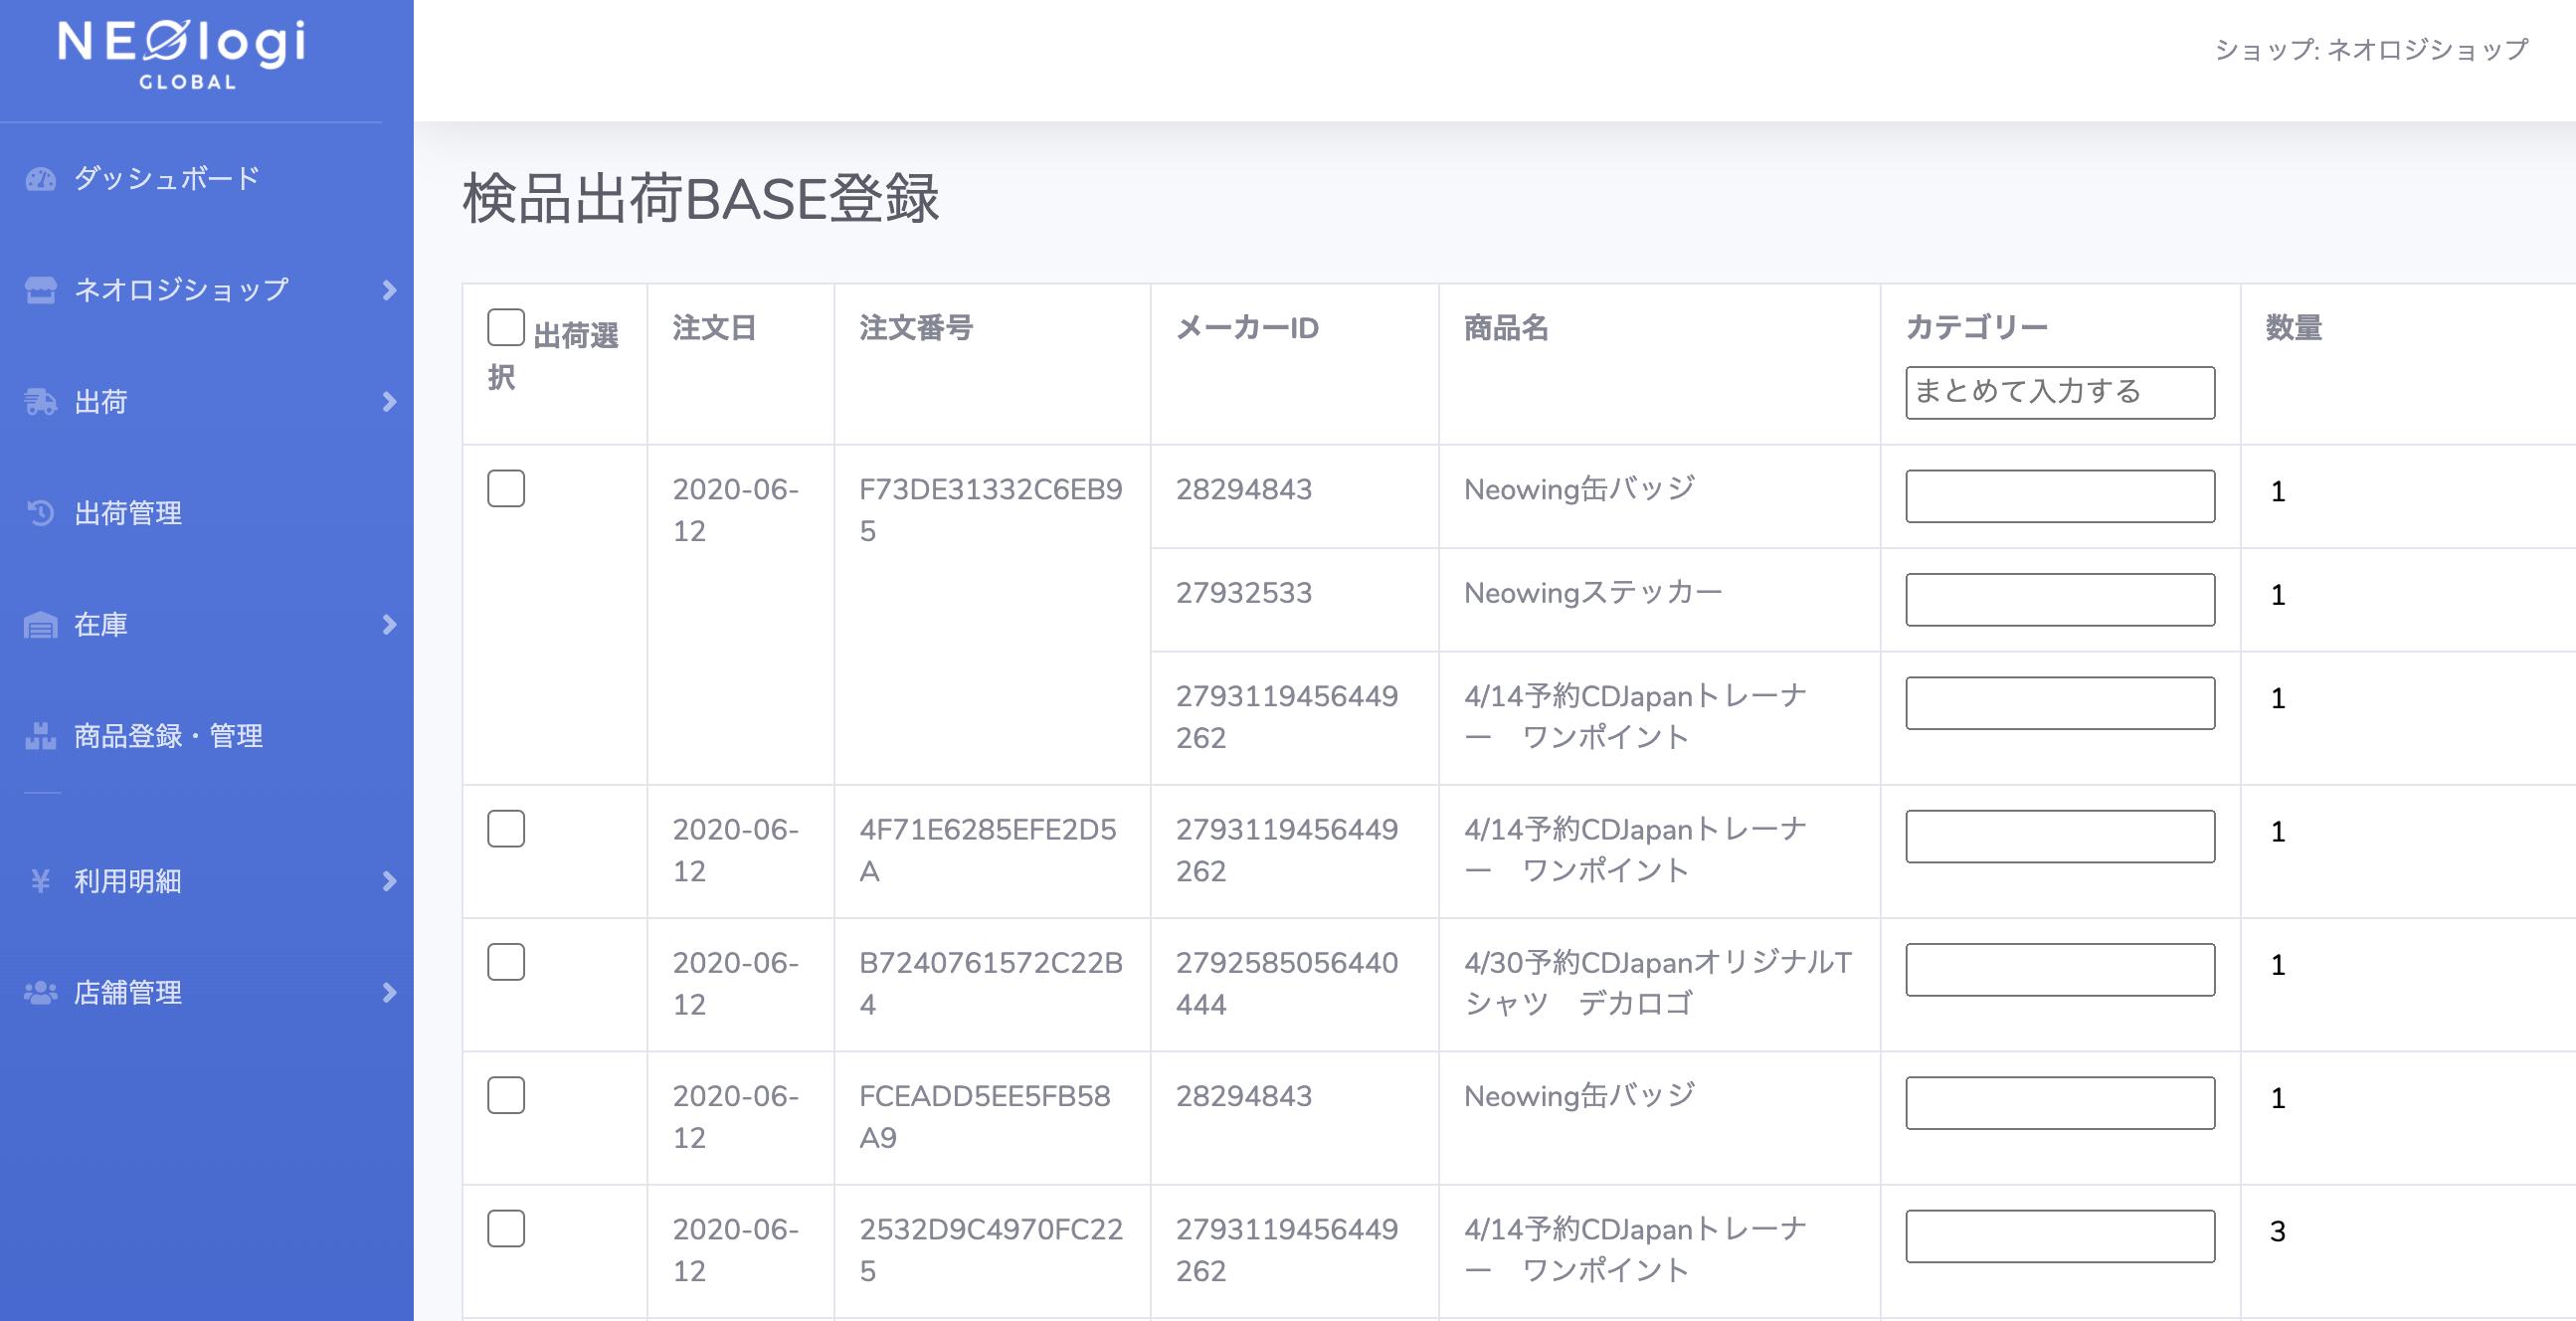 スクリーンショット 2020-06-12 17.04.46.png